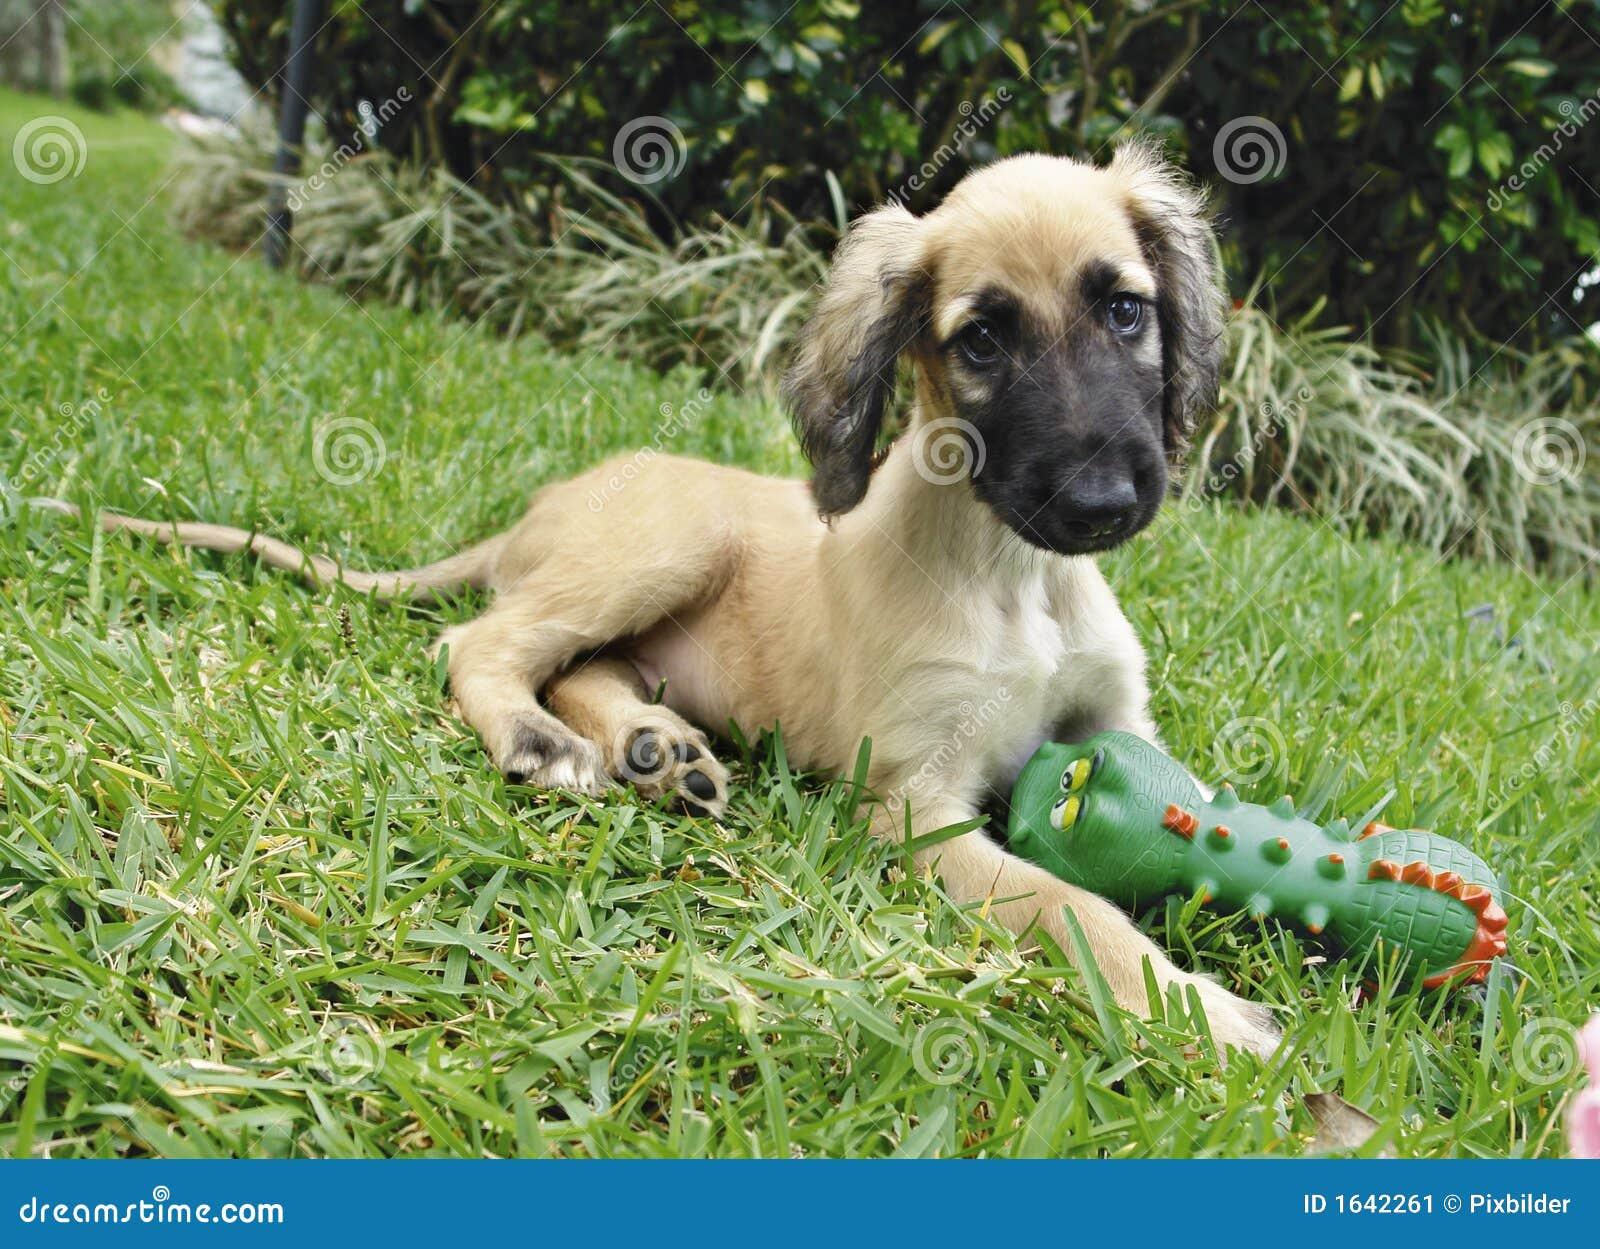 Brinquedo do filhote de cachorro do galgo afegão